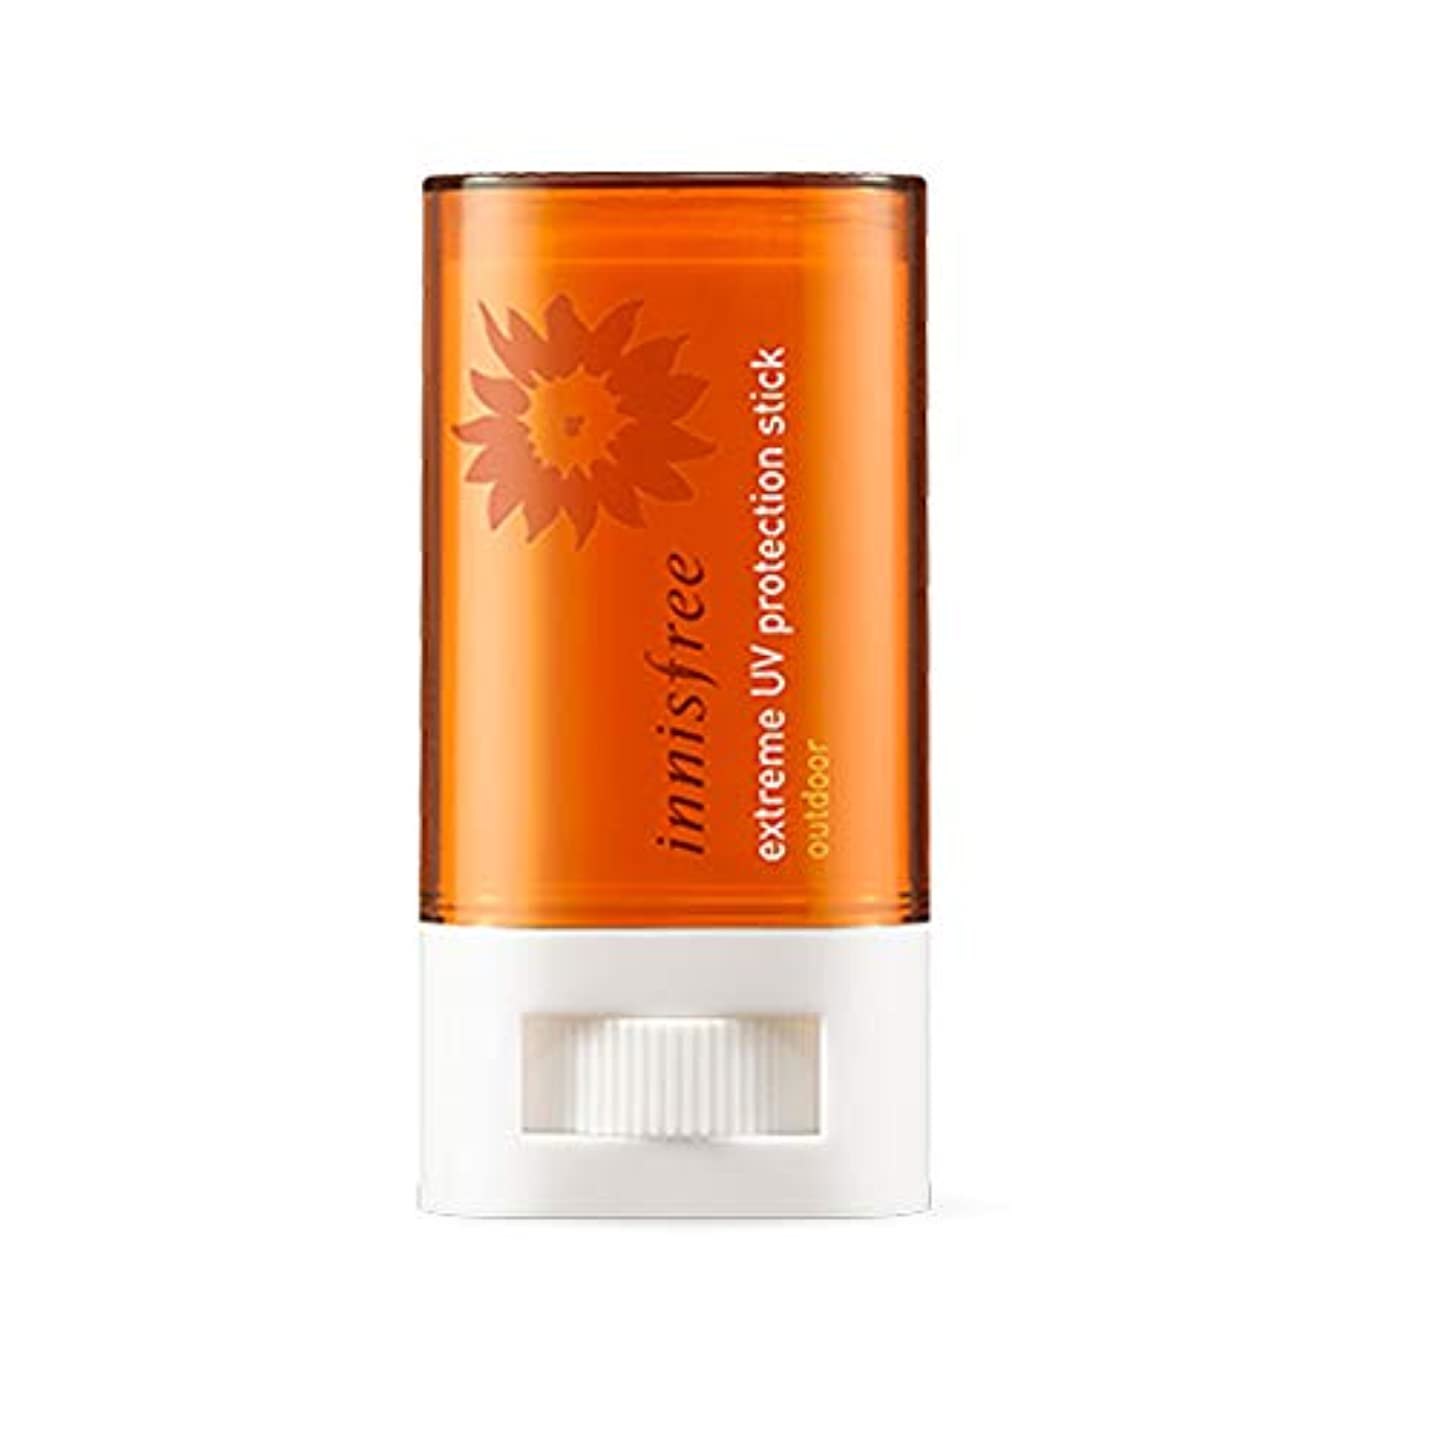 中絶描く実質的イニスフリーエクストリームUVプロテクションスティックアウトドアSPF50 + PA ++++ 19g Innisfree Extreme UV Protection Stick Outdoor SPF50 + PA +...